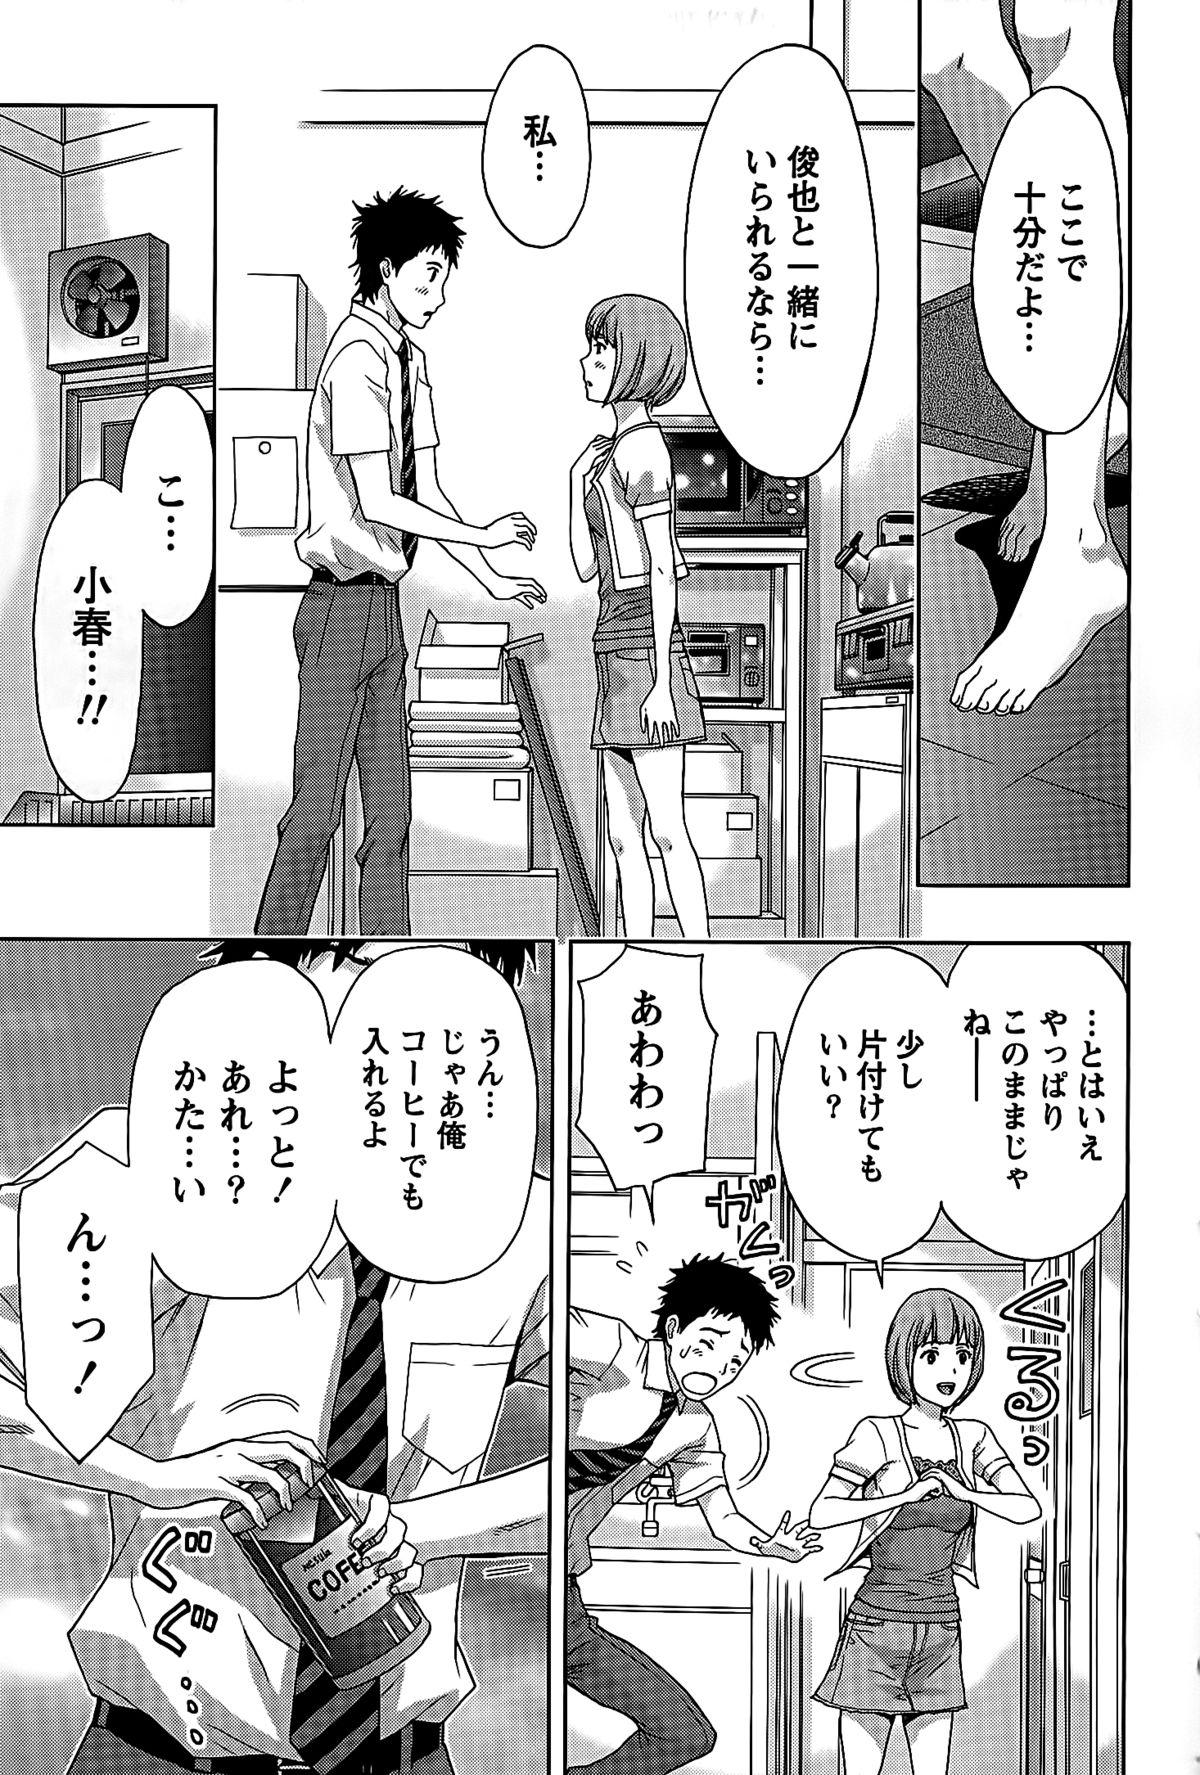 Shittori Lady to Amai Mitsu 181